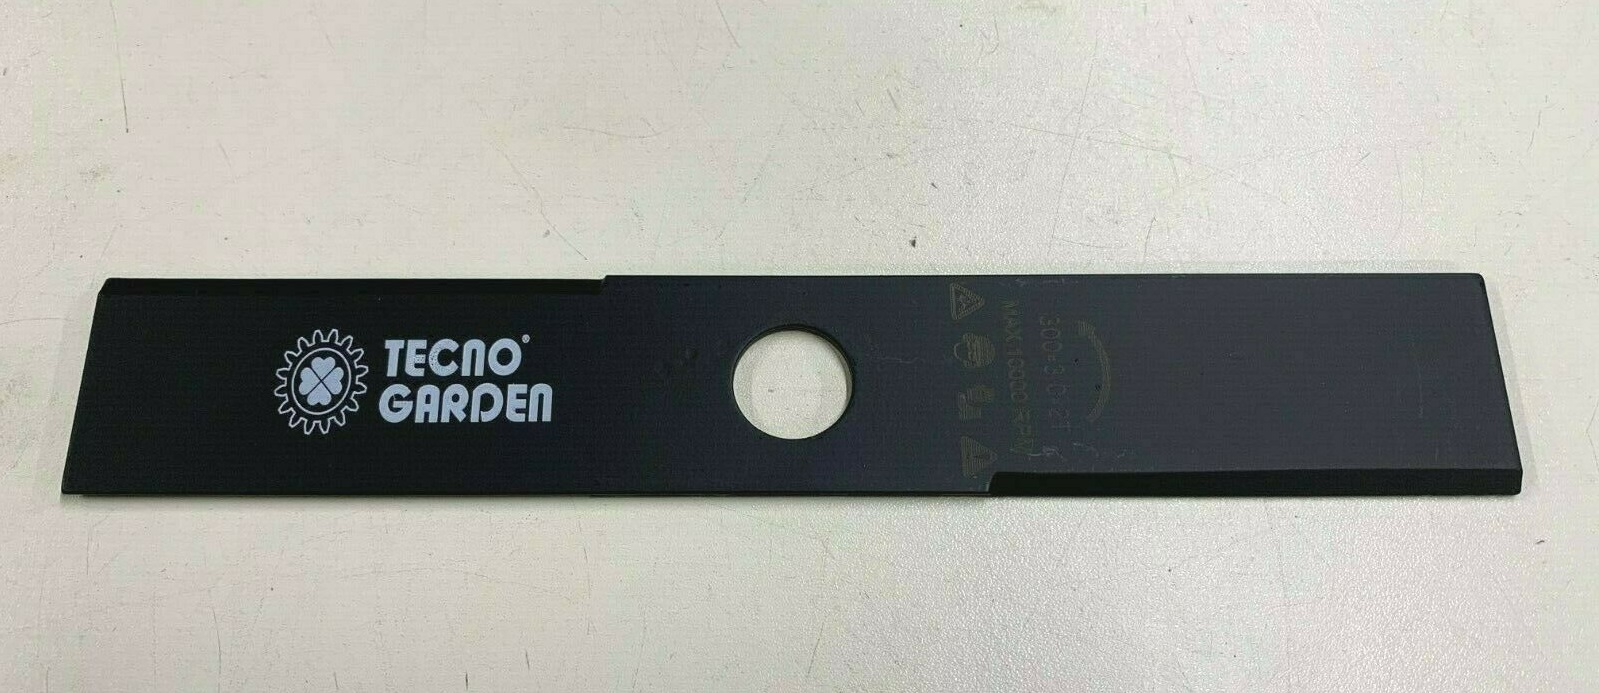 LAMA DISCO TECNO GARDEN PER DECESPUGLIATORE PROFESSIONALE 300x25,4 mm SPESS 3mm